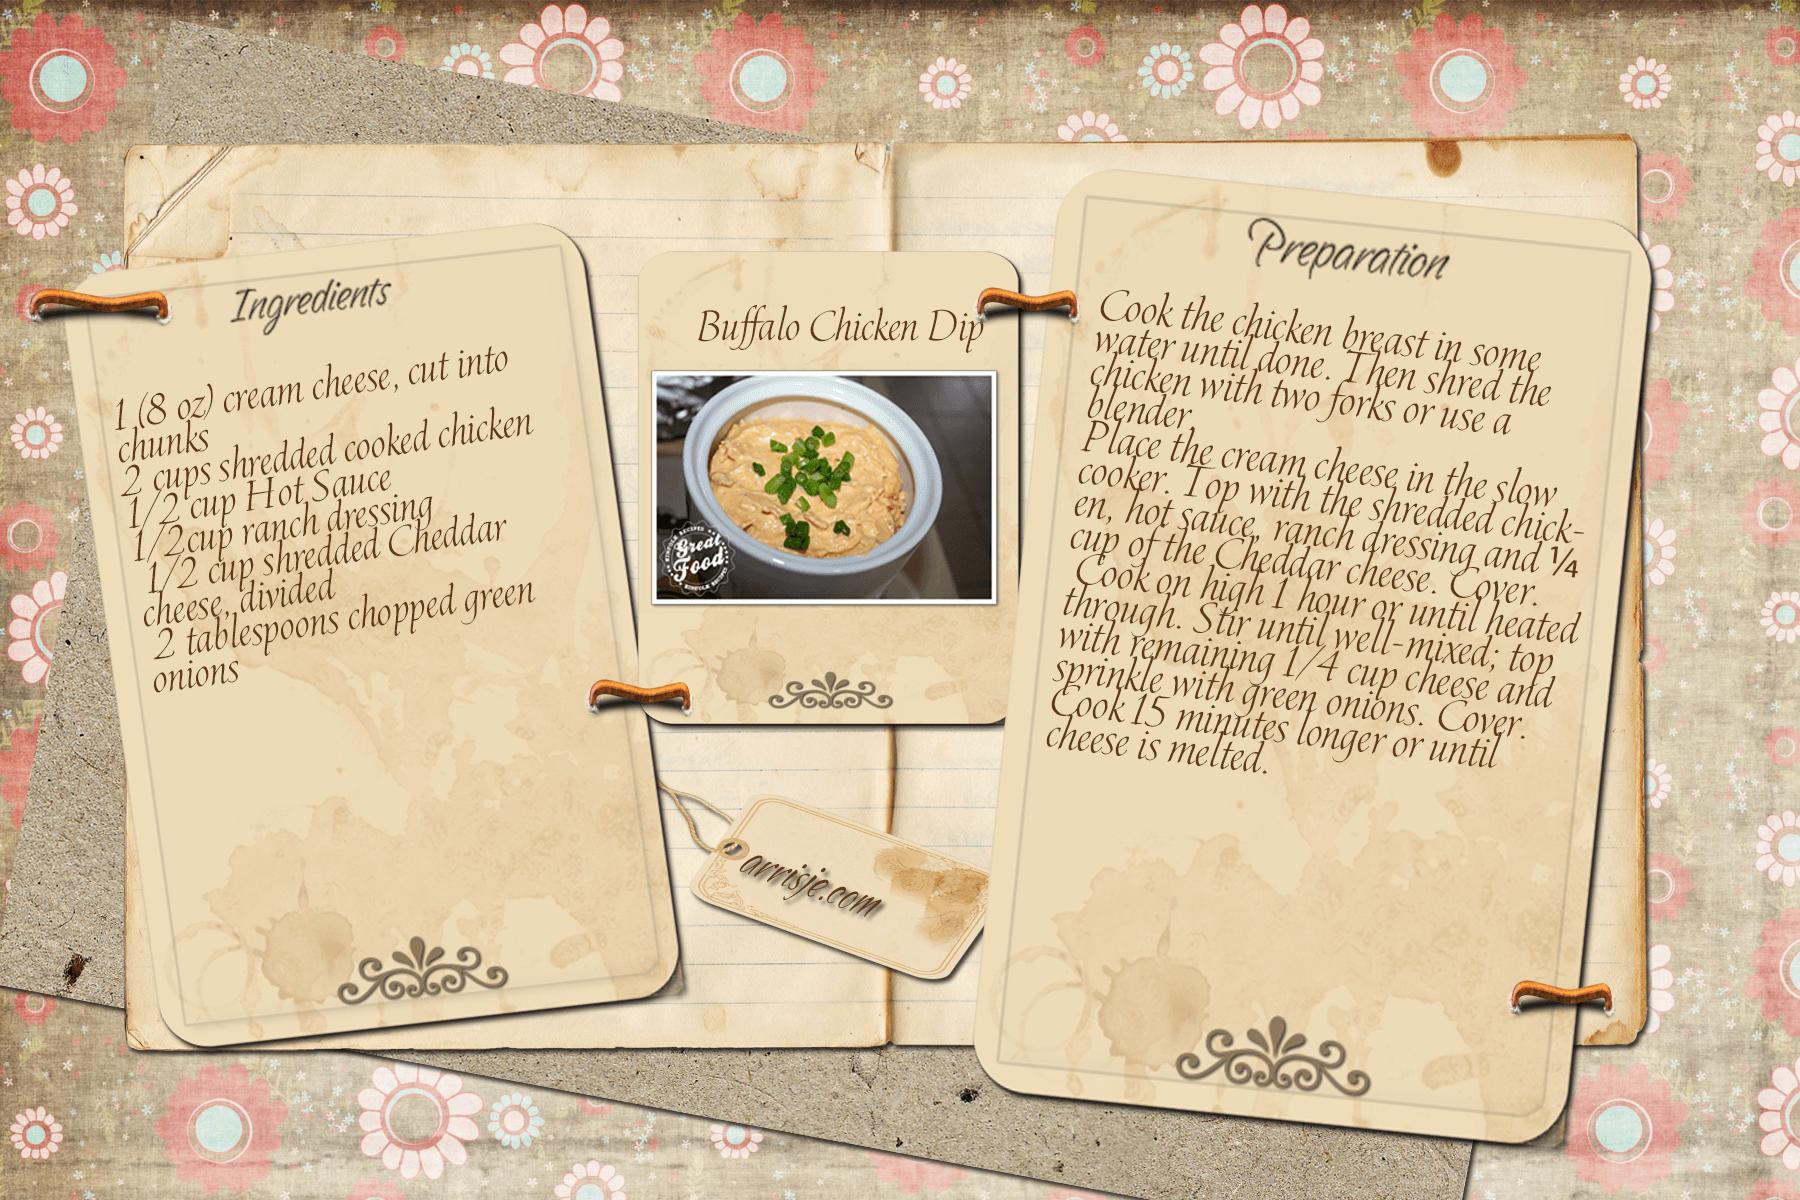 Buffalo Chicken Dip Recipe Card